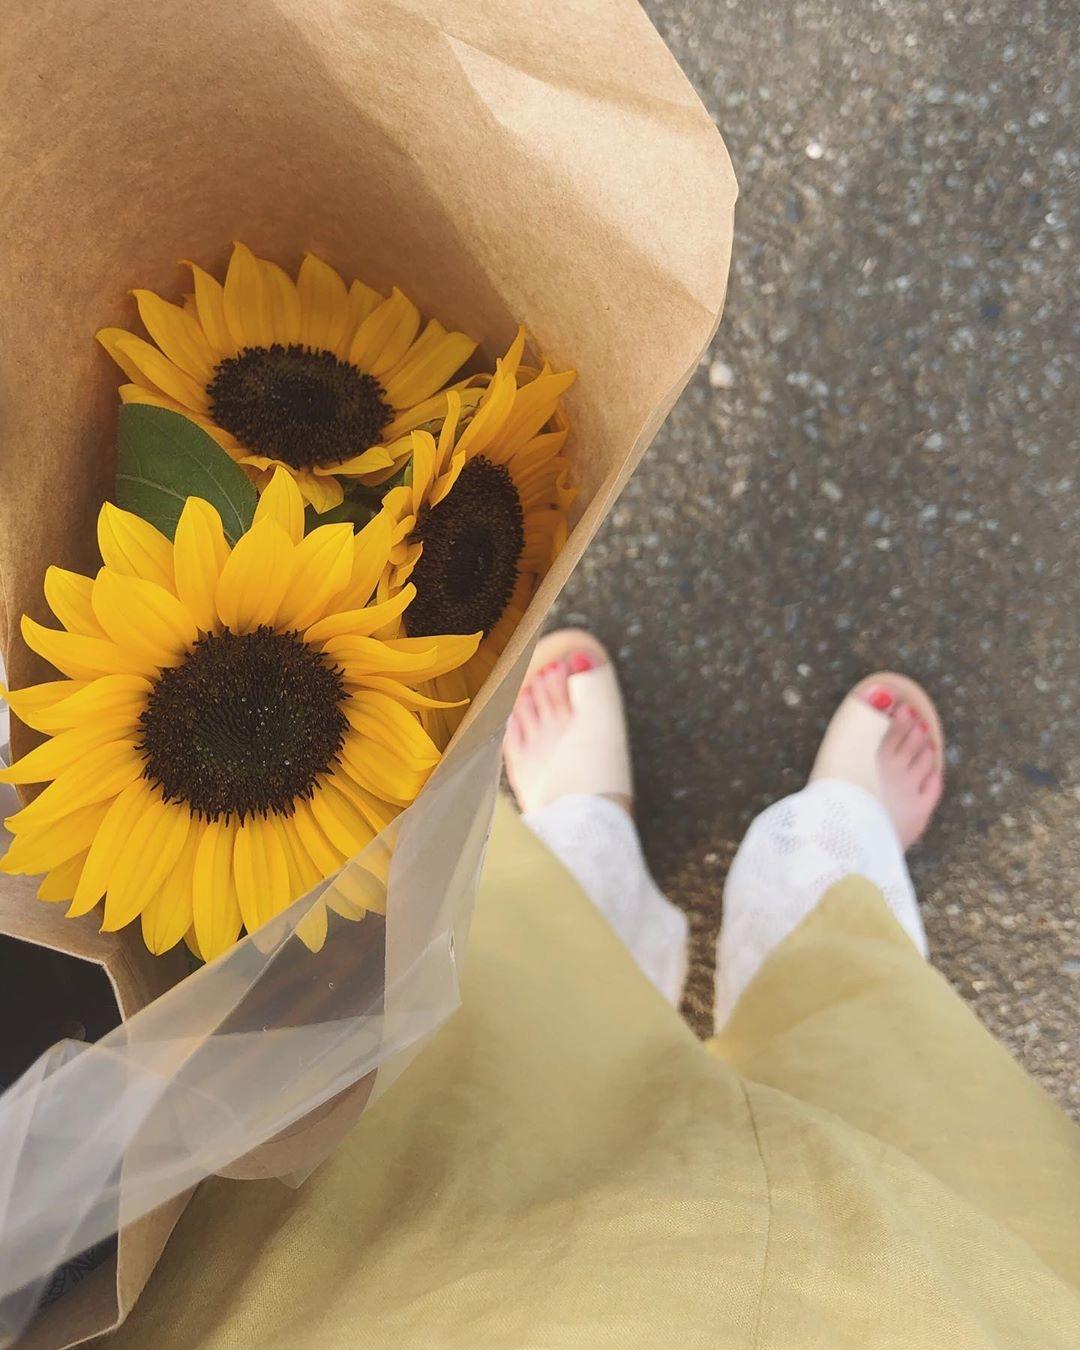 気持ちを華やかにするお花なんていかが?